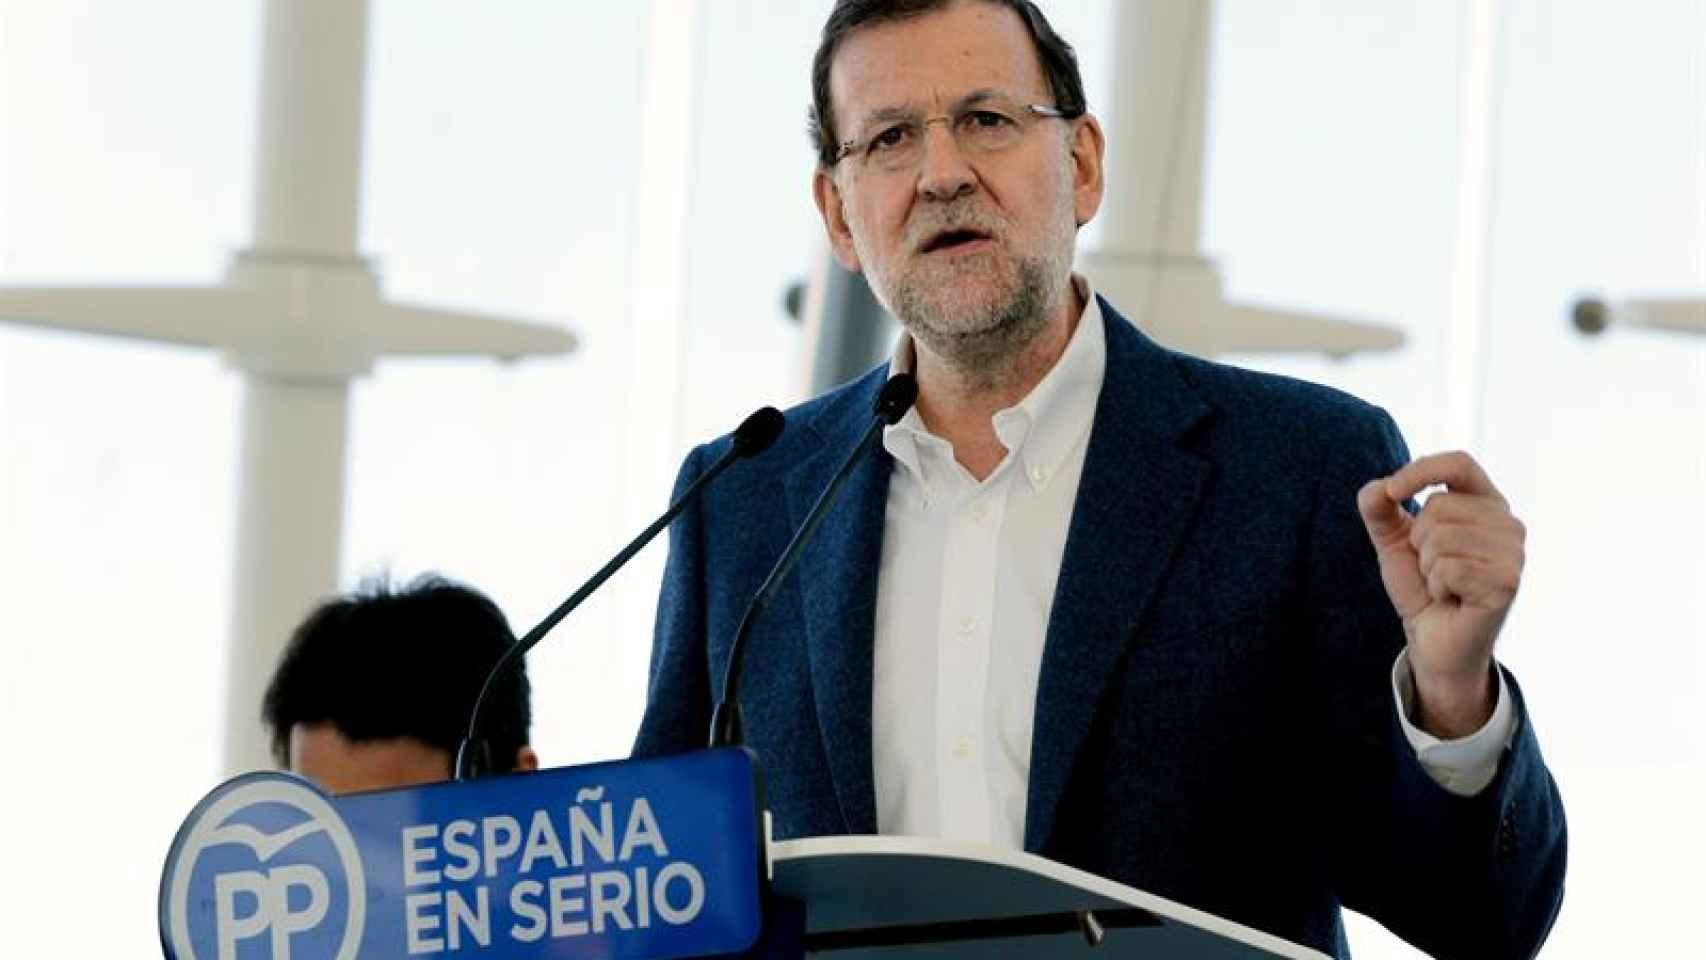 Rajoy vs Rivera: Puesta en escena y mensajes para ganar Valencia